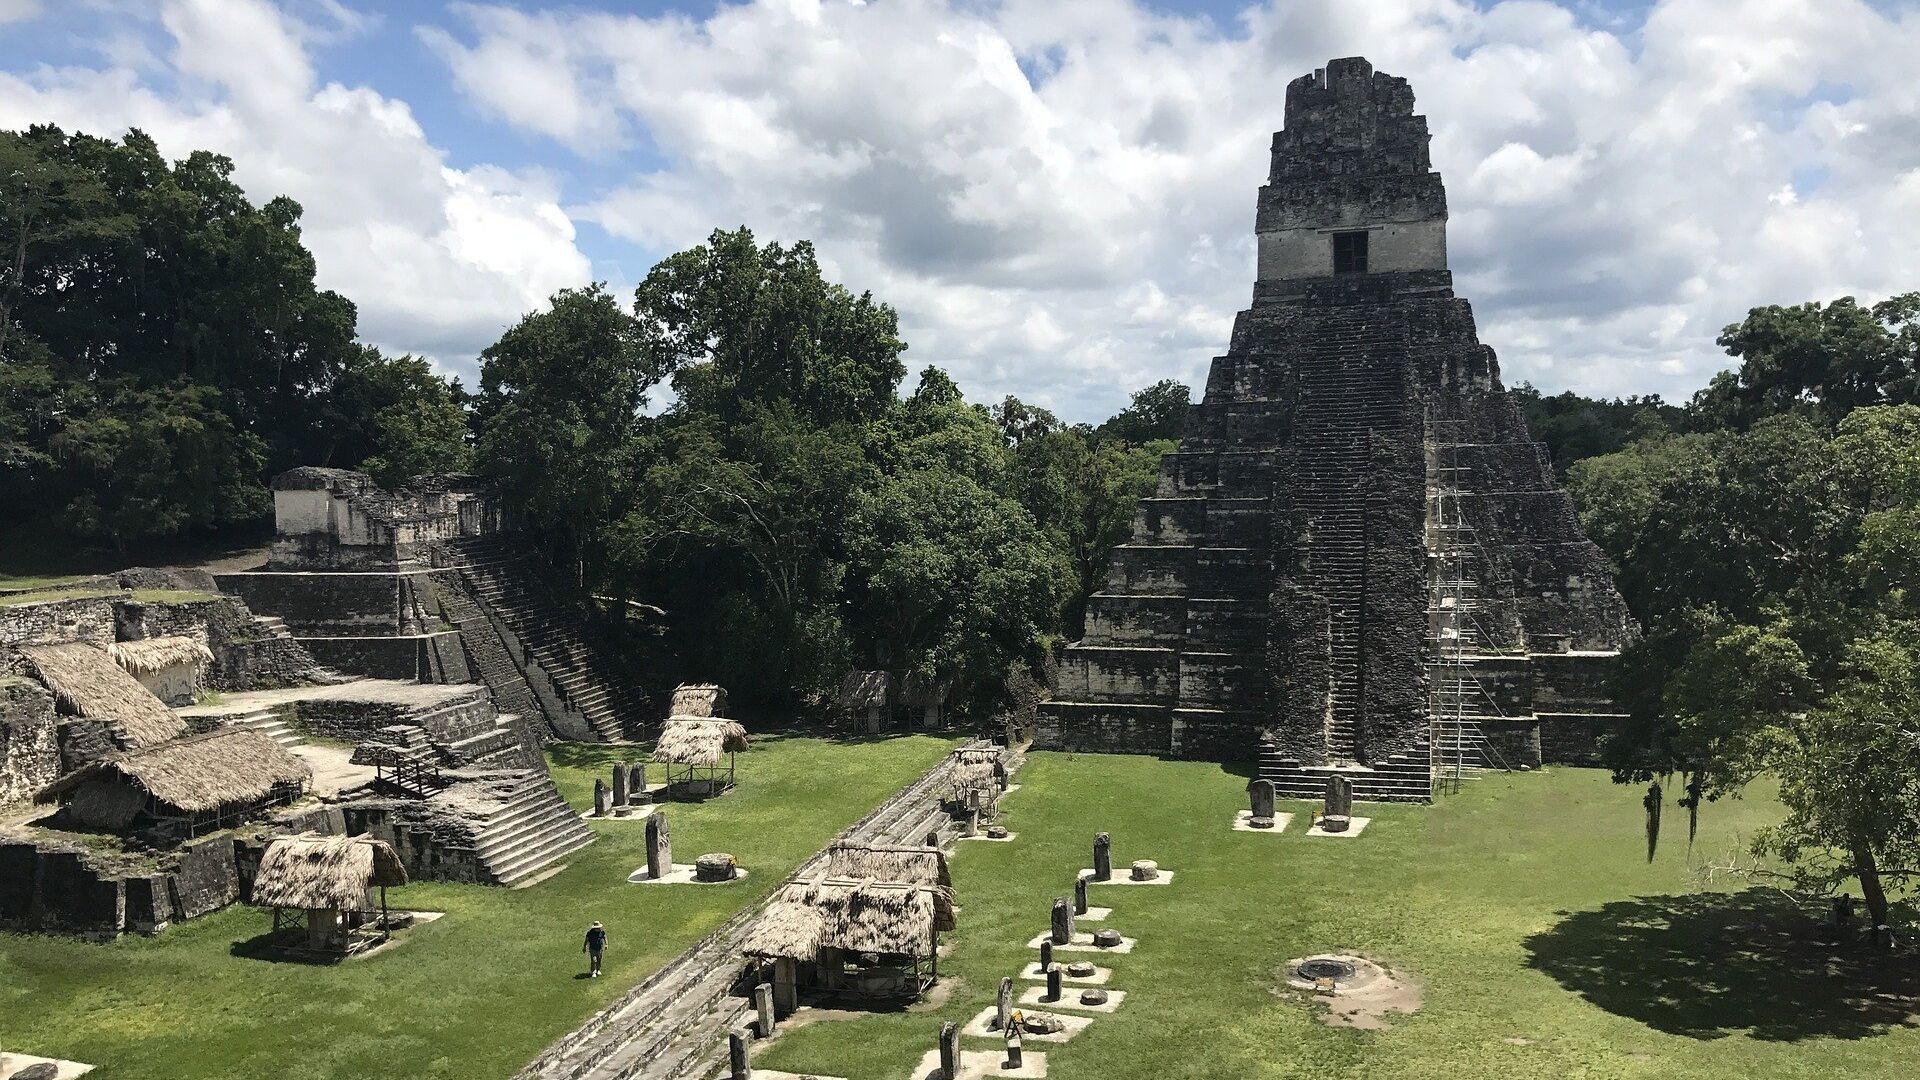 La antigua ciudad maya de Tikal, en Guatemala - Sputnik Mundo, 1920, 01.10.2021